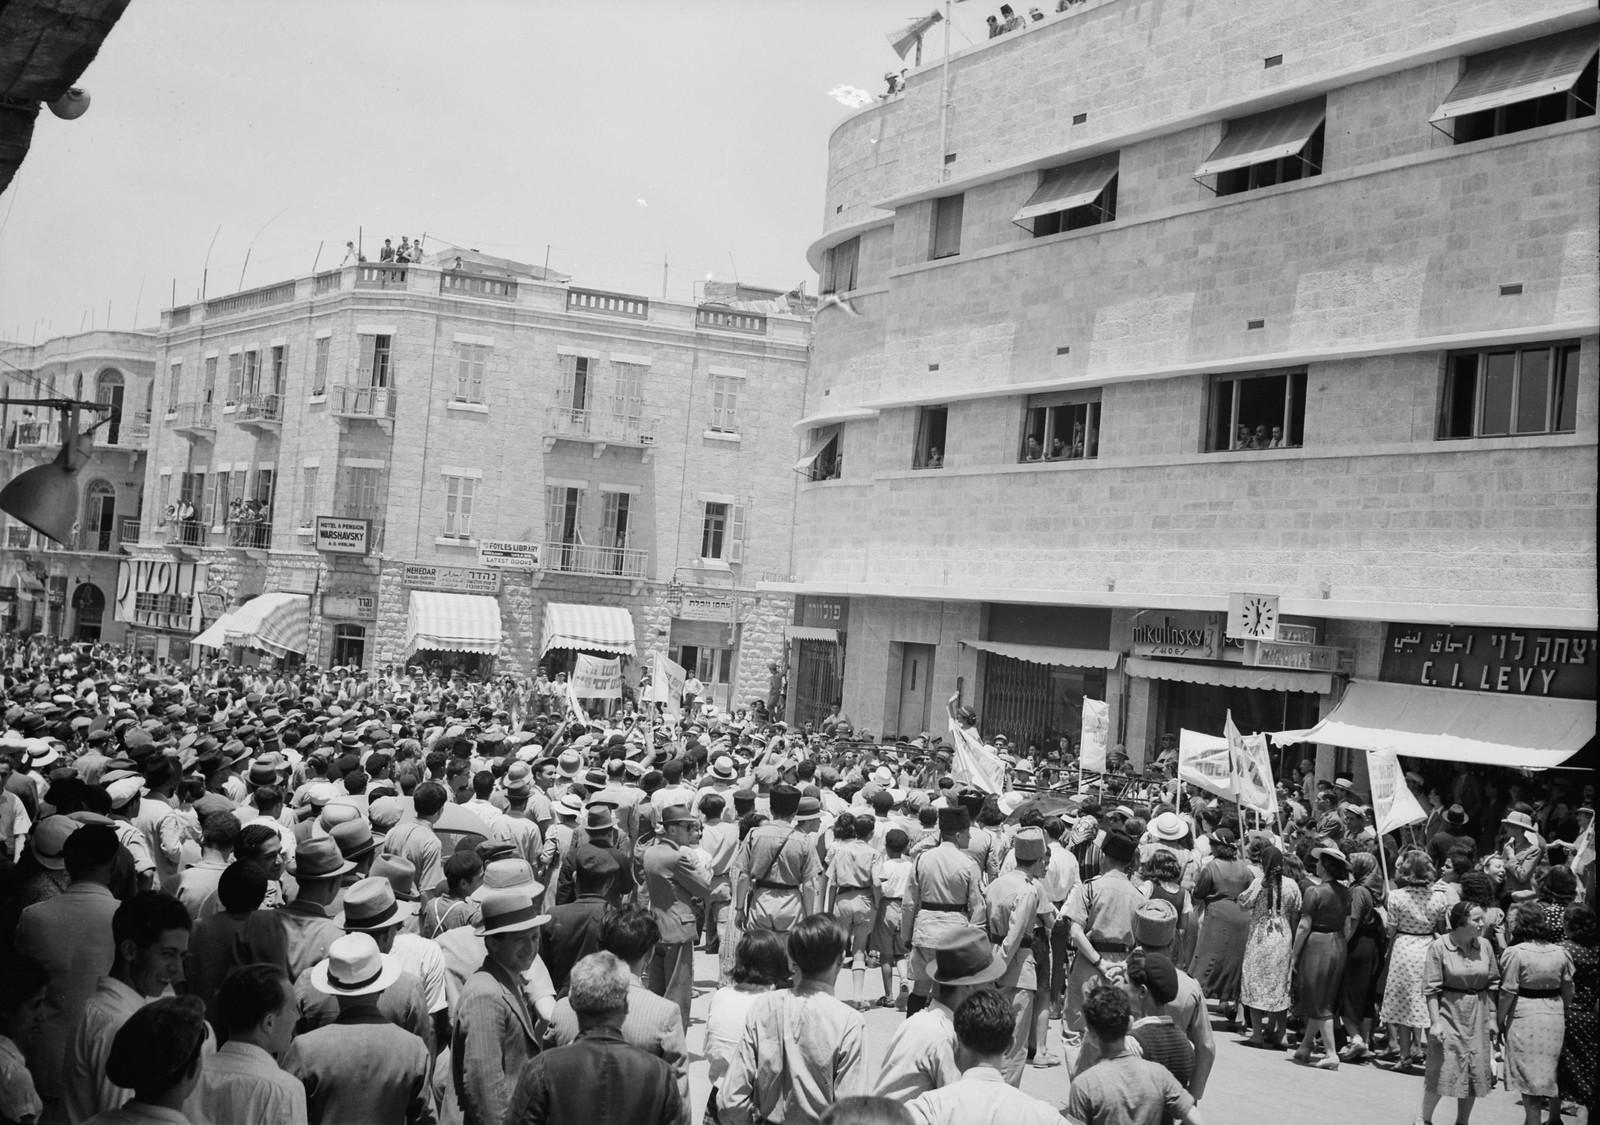 15. Демонстрация перед районными отделениями на Яффской дороге, когда одна из молодых женщин решительно осуждала политику британского правительства